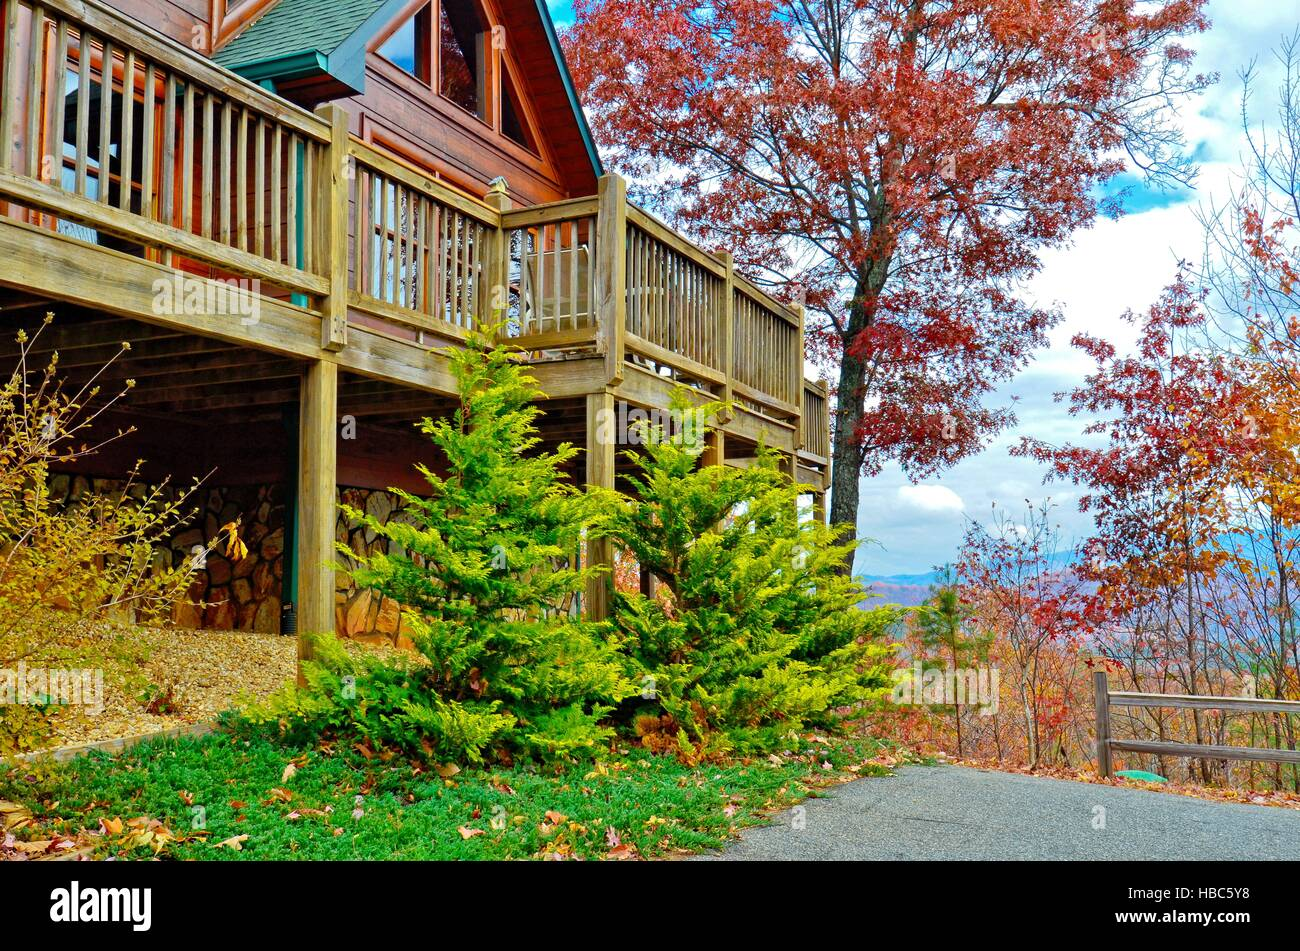 Case Di Montagna In Legno : Un ponte di legno sul lato di un log casa di montagna foto